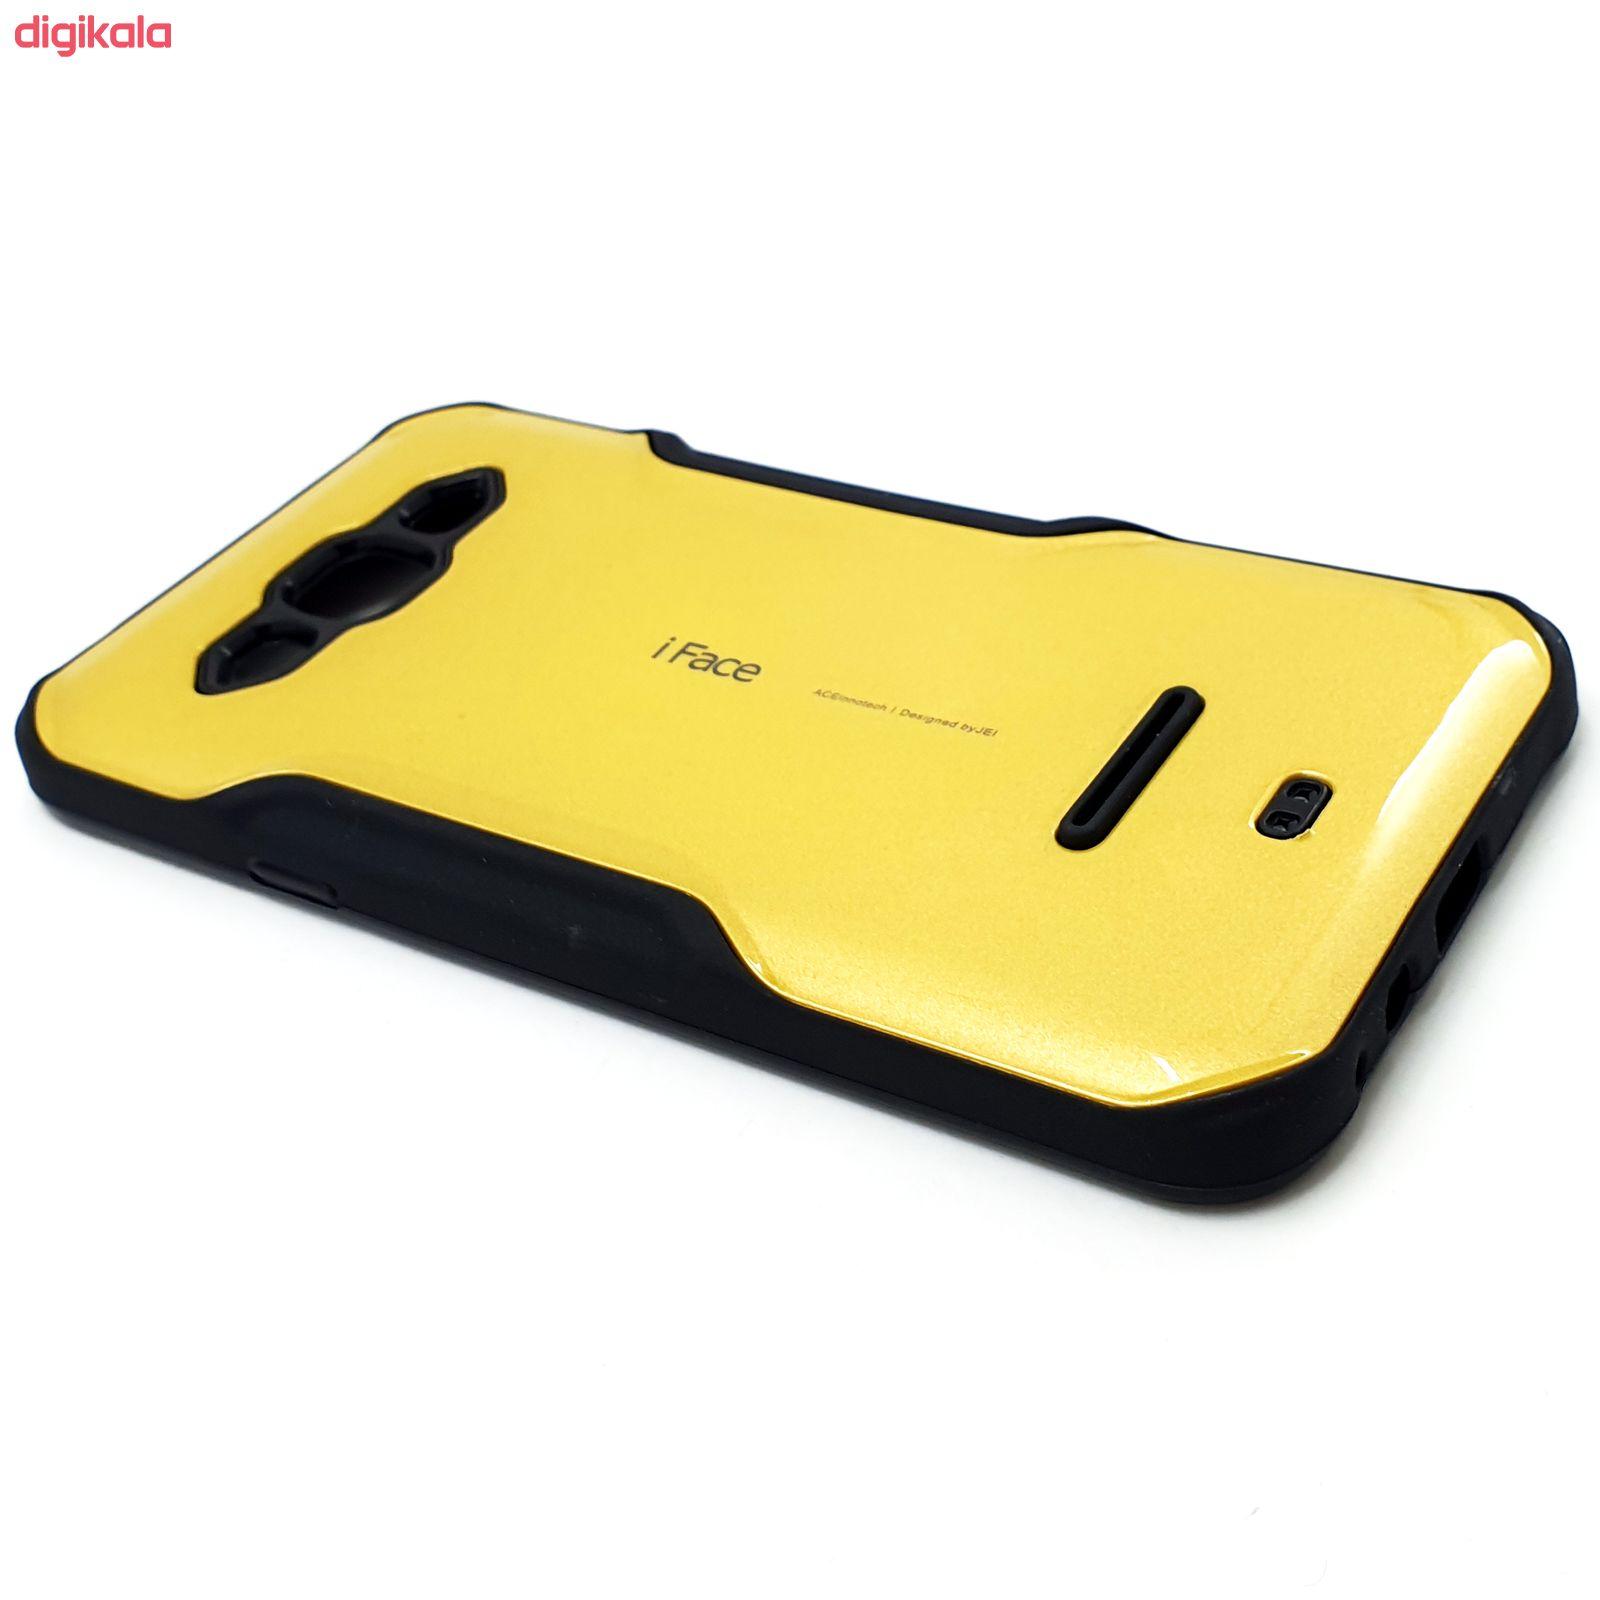 کاور مدل FC24 مناسب برای گوشی موبایل سامسونگ Galaxy E7 2015 / E700 main 1 10